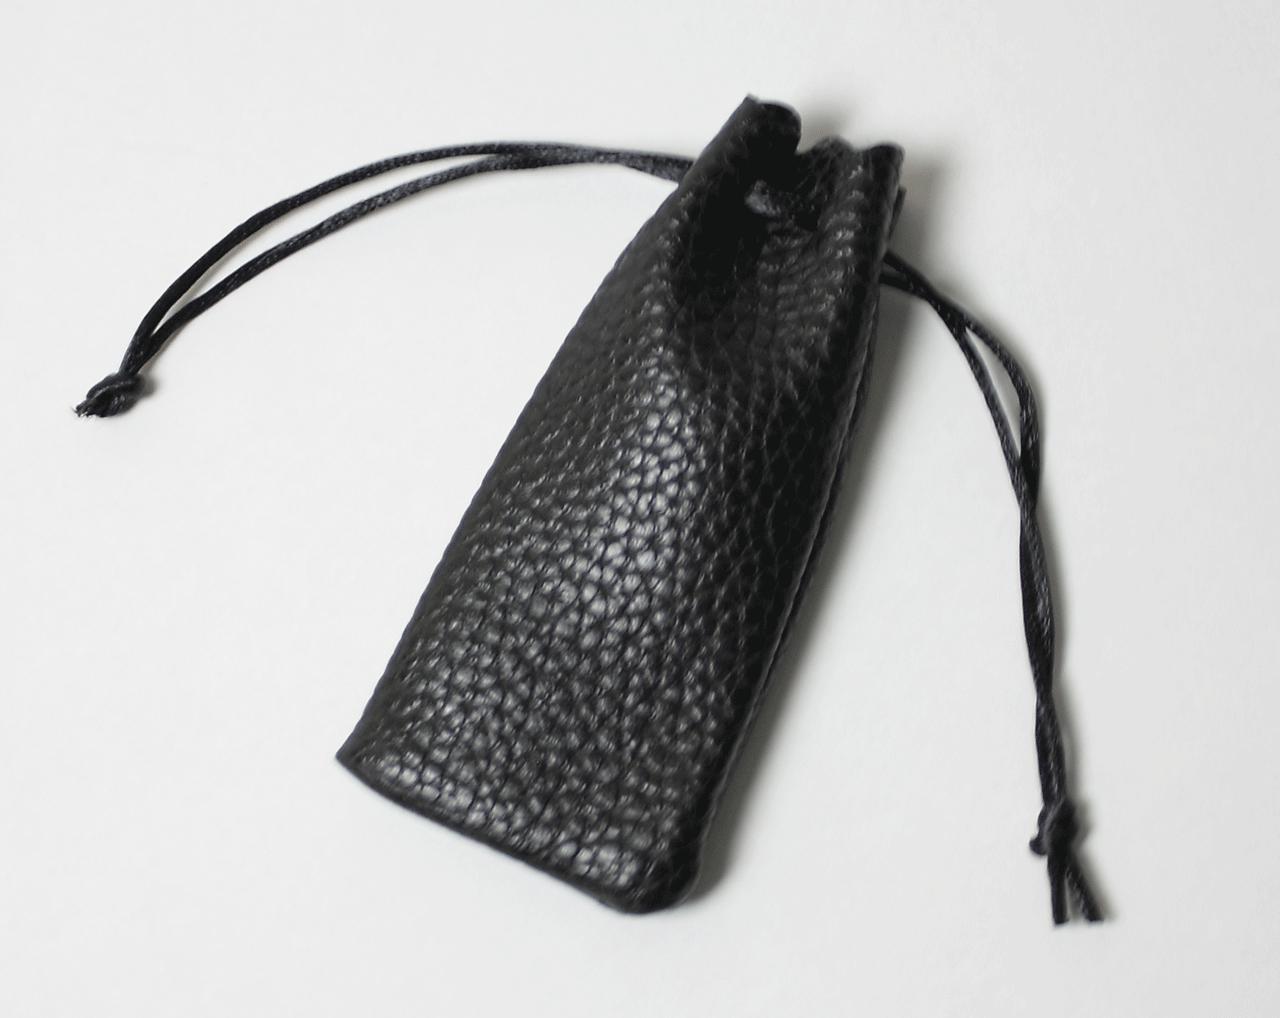 法人角印 柘(天角) 21.0mm